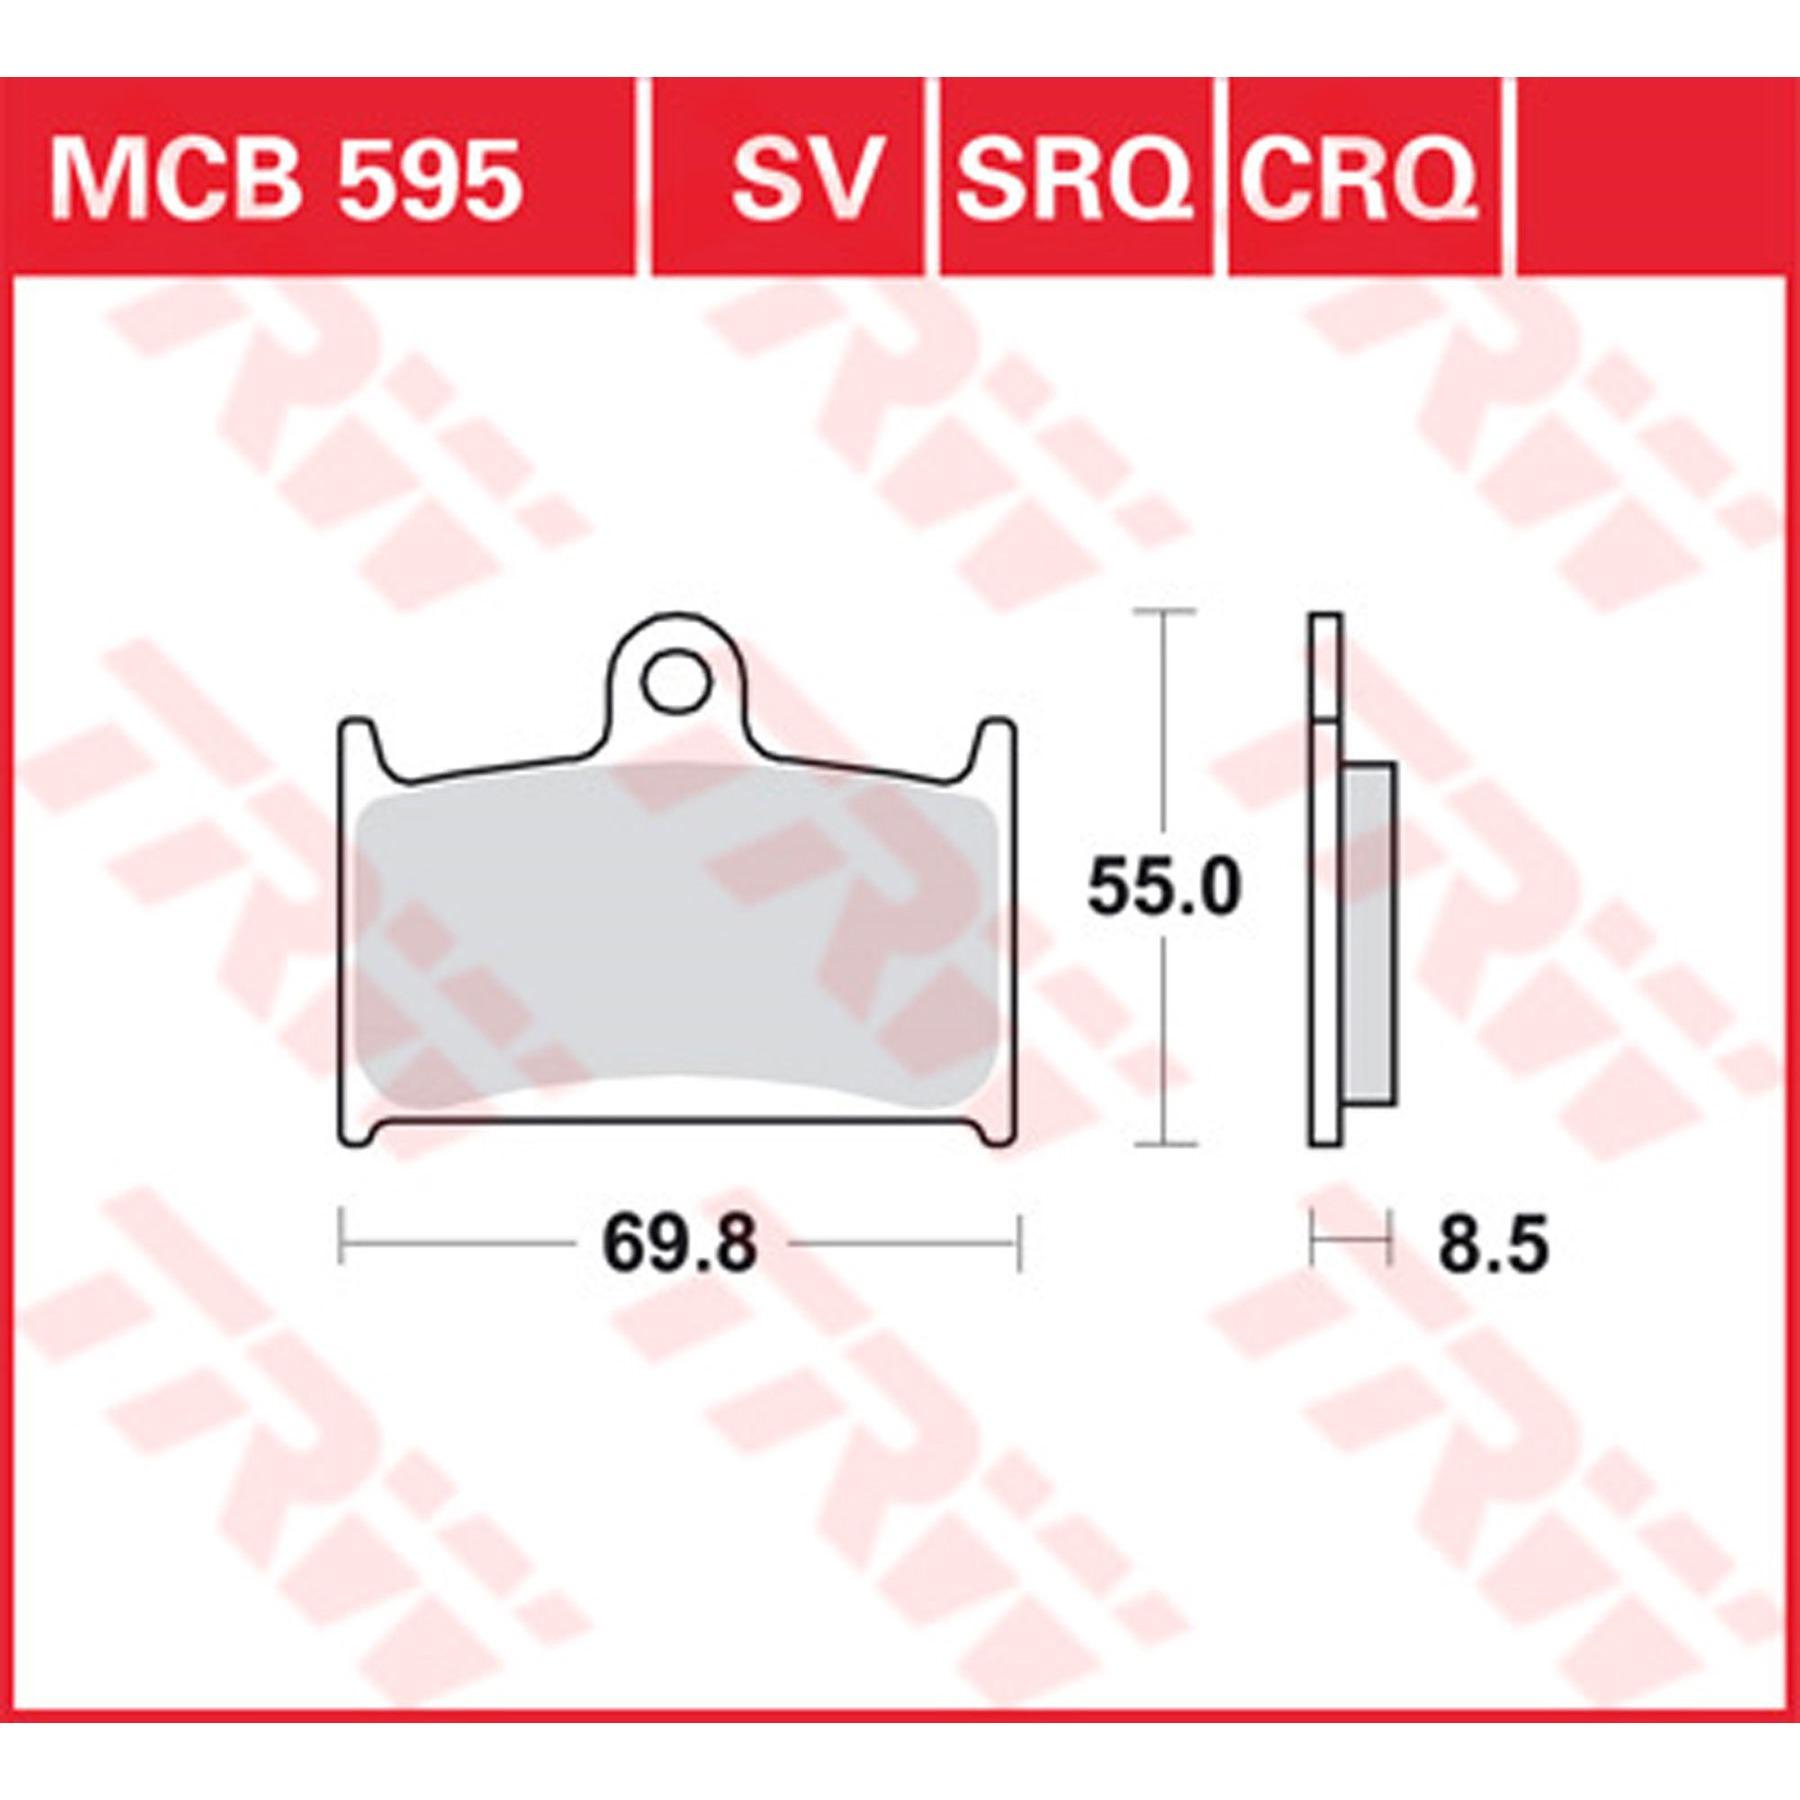 TRW Lucas Bremsbeläge MCB602 vorne Suzuki SV 1000 S2